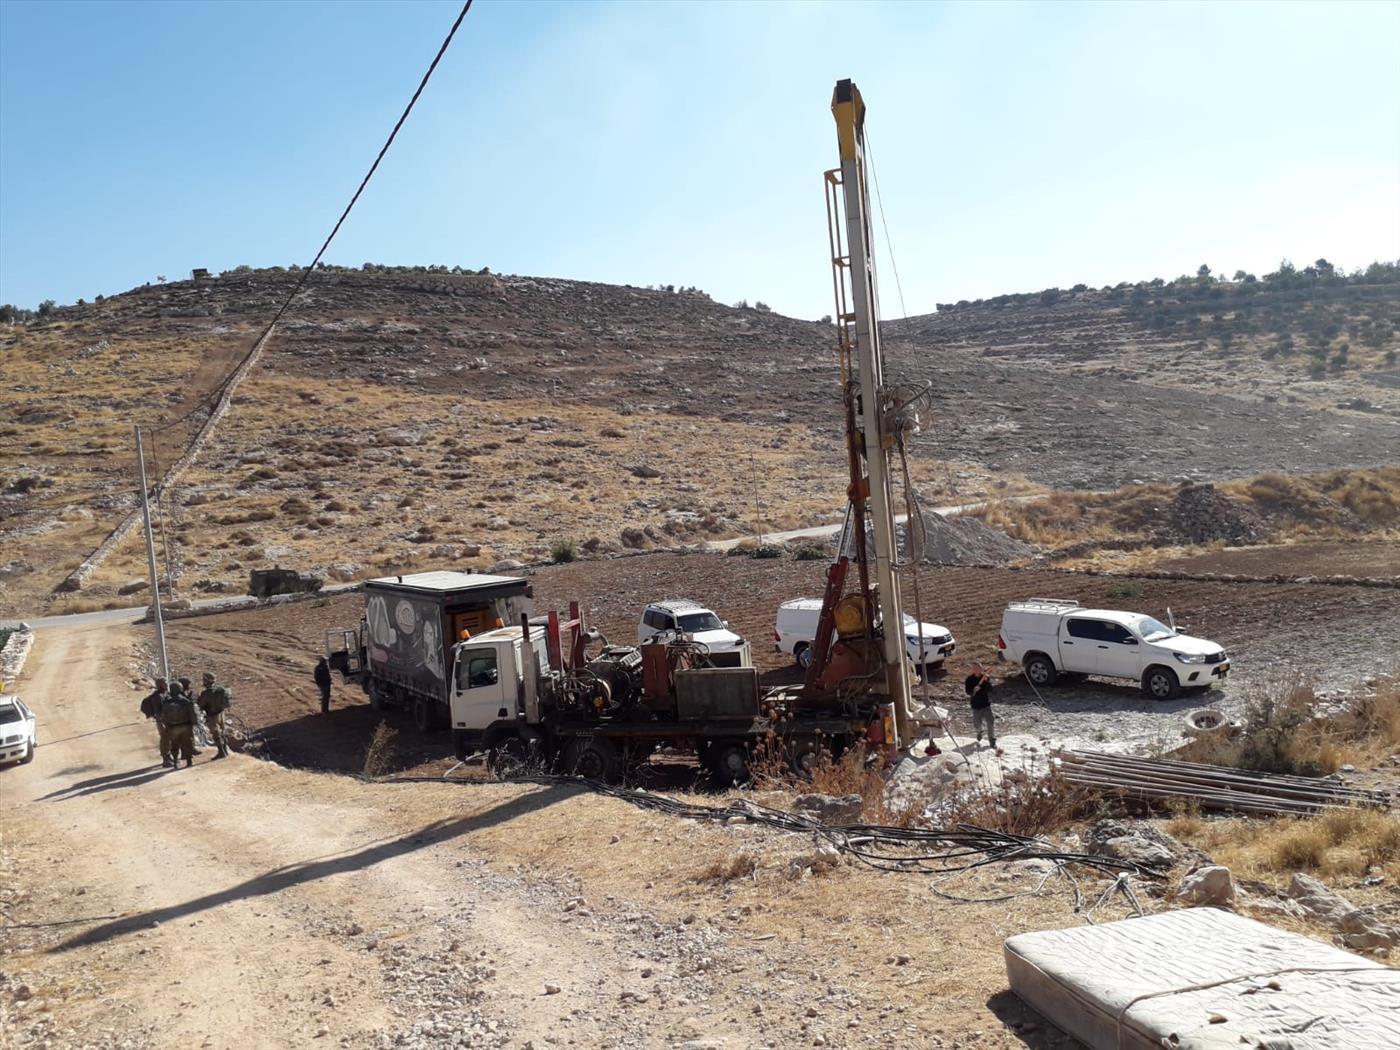 אתר קידוח לא חוקי (צילום: משטרת ישראל)